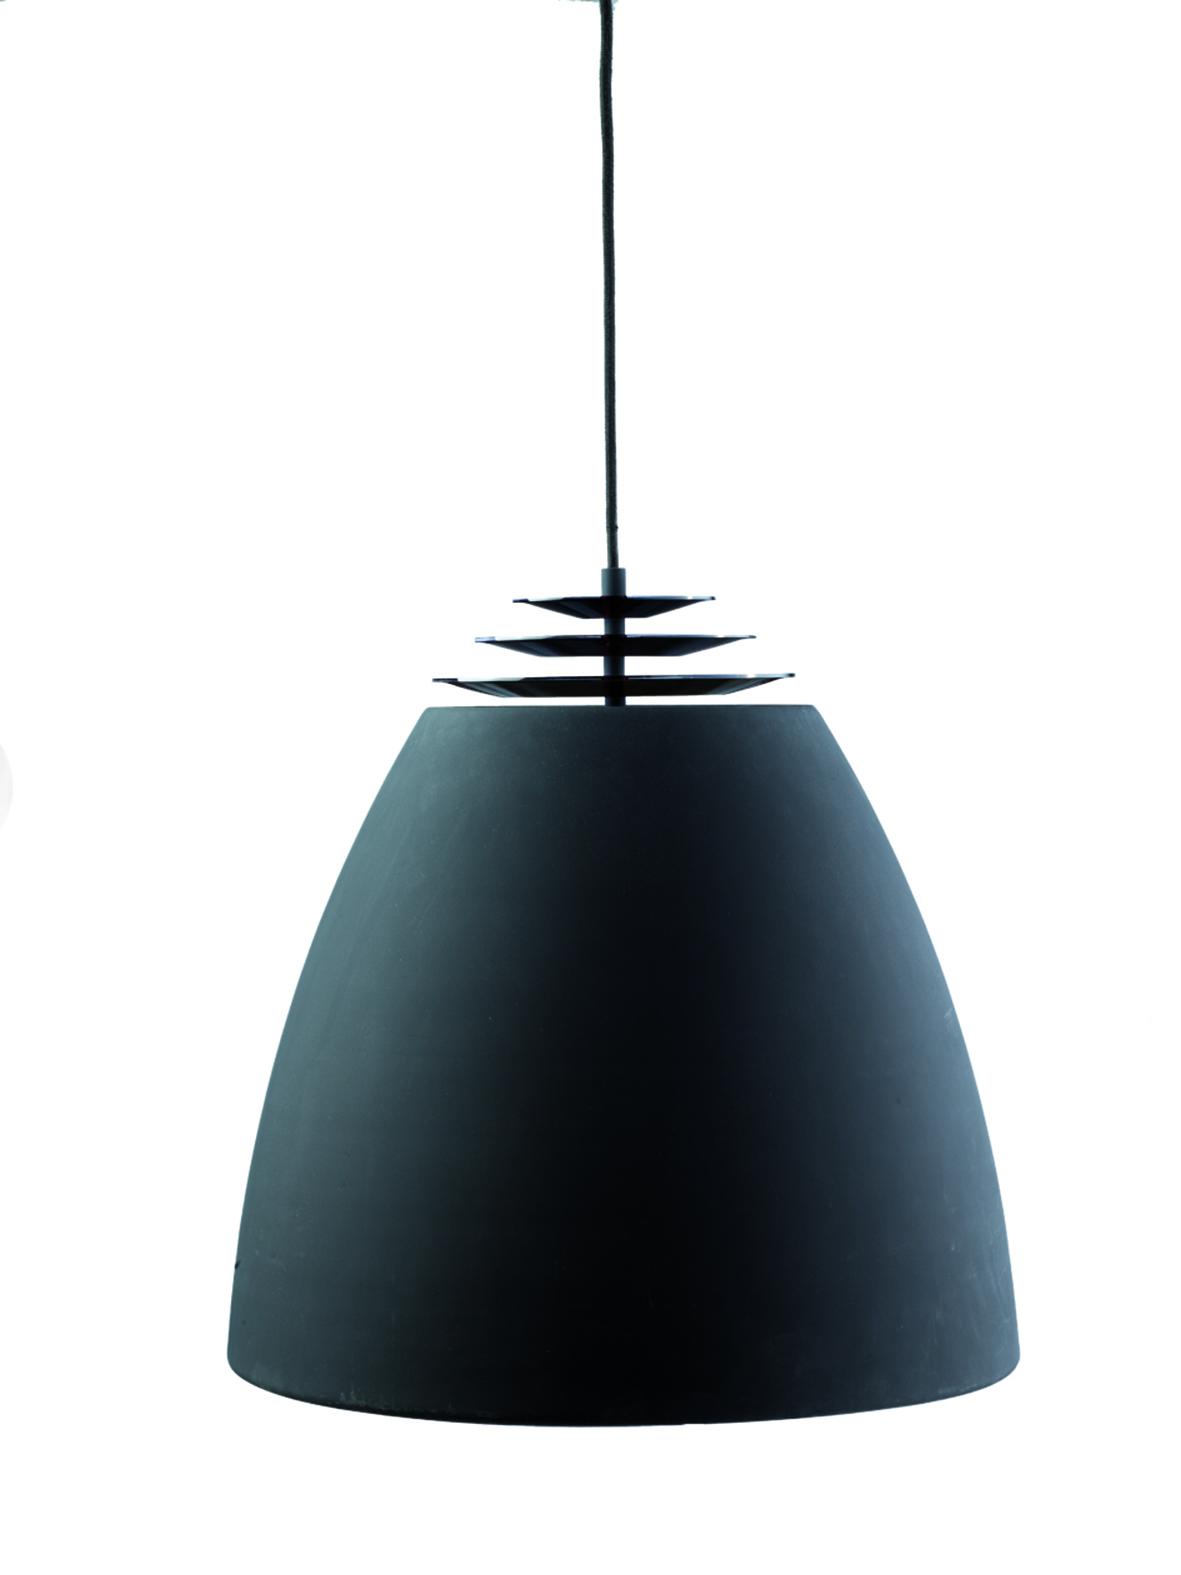 Lustra Bristol Buzz Black Matt, Ø 30 cm